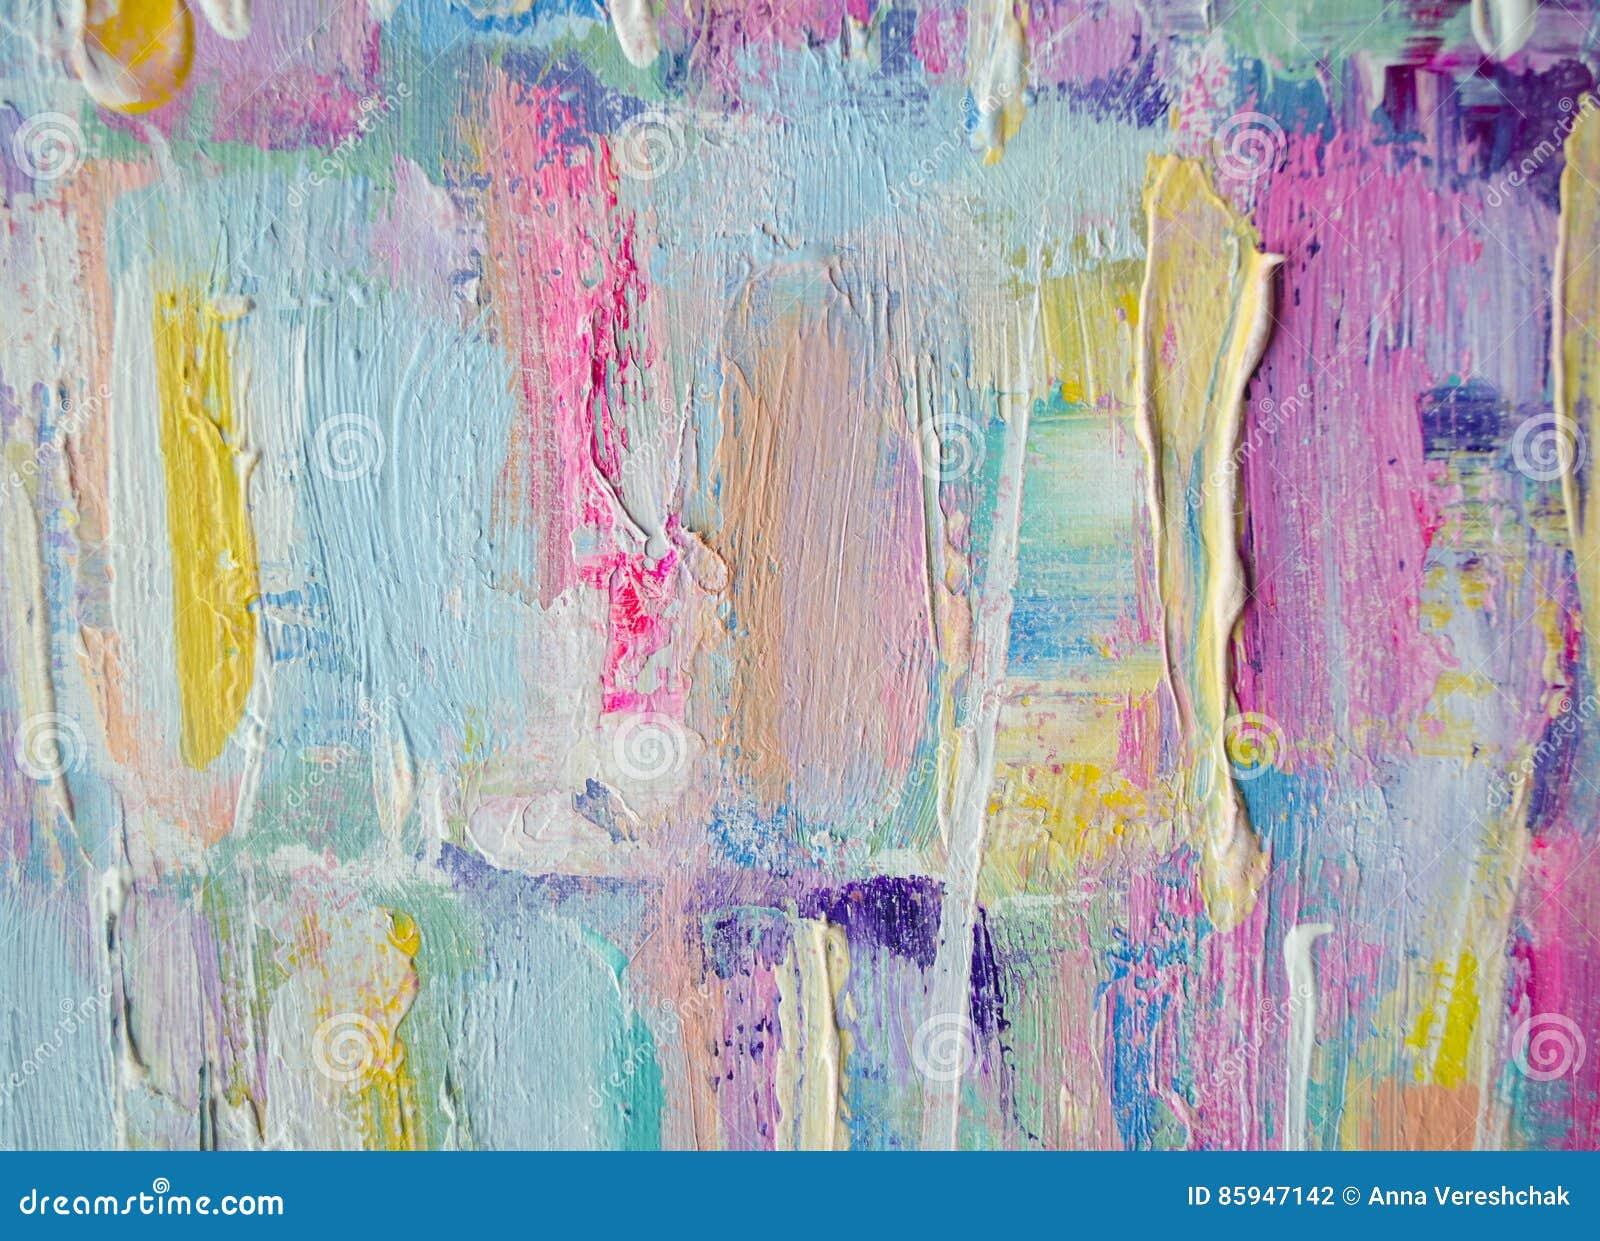 Ręka rysujący akrylowy obraz sztuki abstrakcjonistycznej tło Akrylowy obraz na kanwie Kolor tekstura Czerep grafika brushstrokes